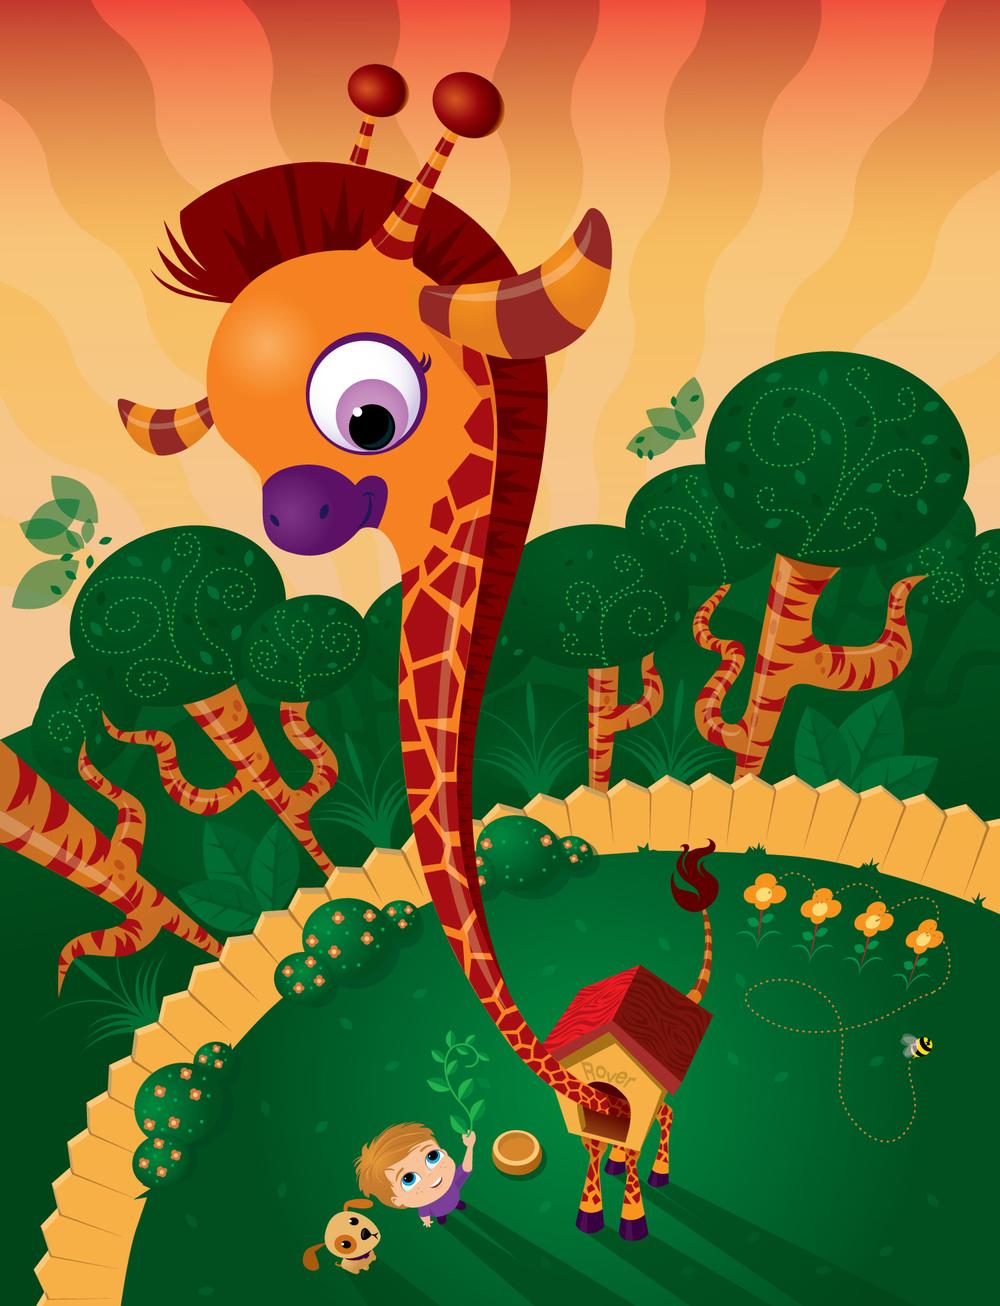 Giraffe in my back yard